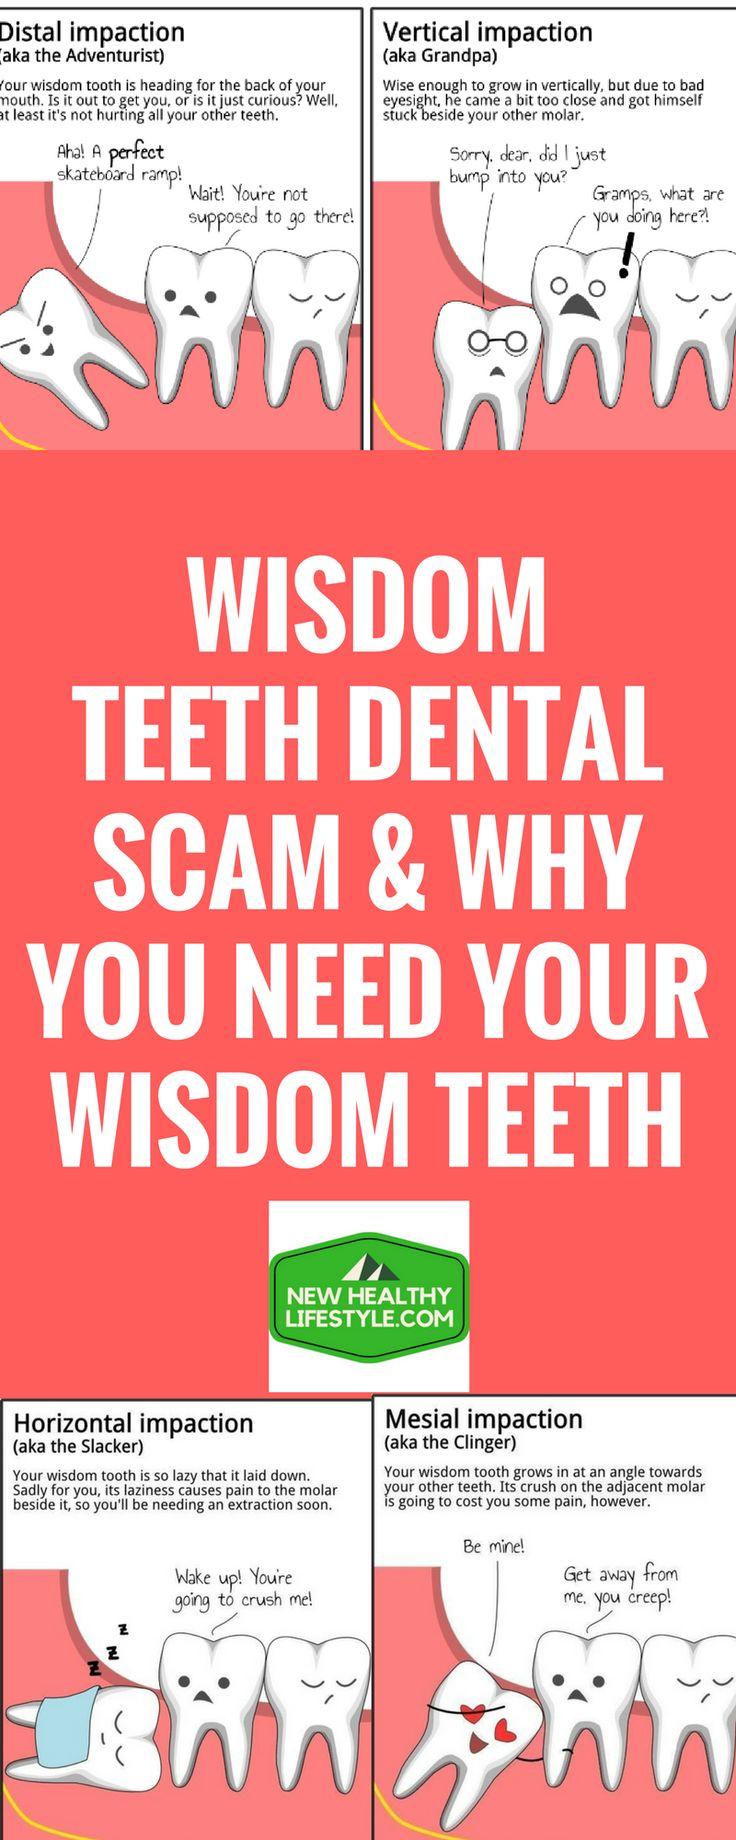 WISDOM TEETH DENTAL SCAM & WHY YOU NEED YOUR WISDOM TEETH @#